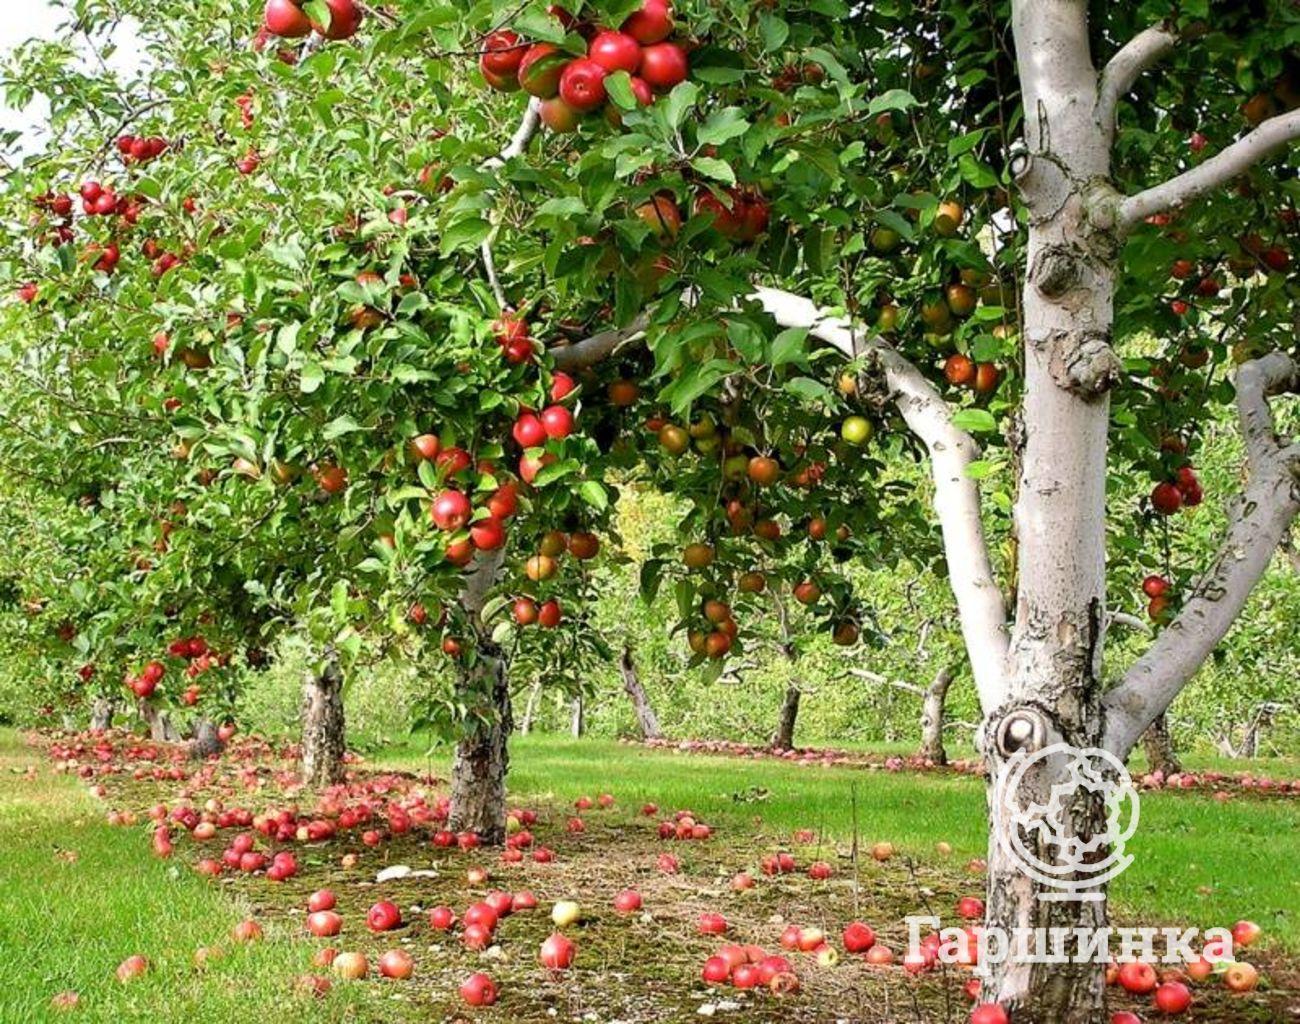 Клоновые подвои для яблони - что это?  плюсы яблонь на клоновых подвоях | сайт о саде, даче и комнатных растениях.